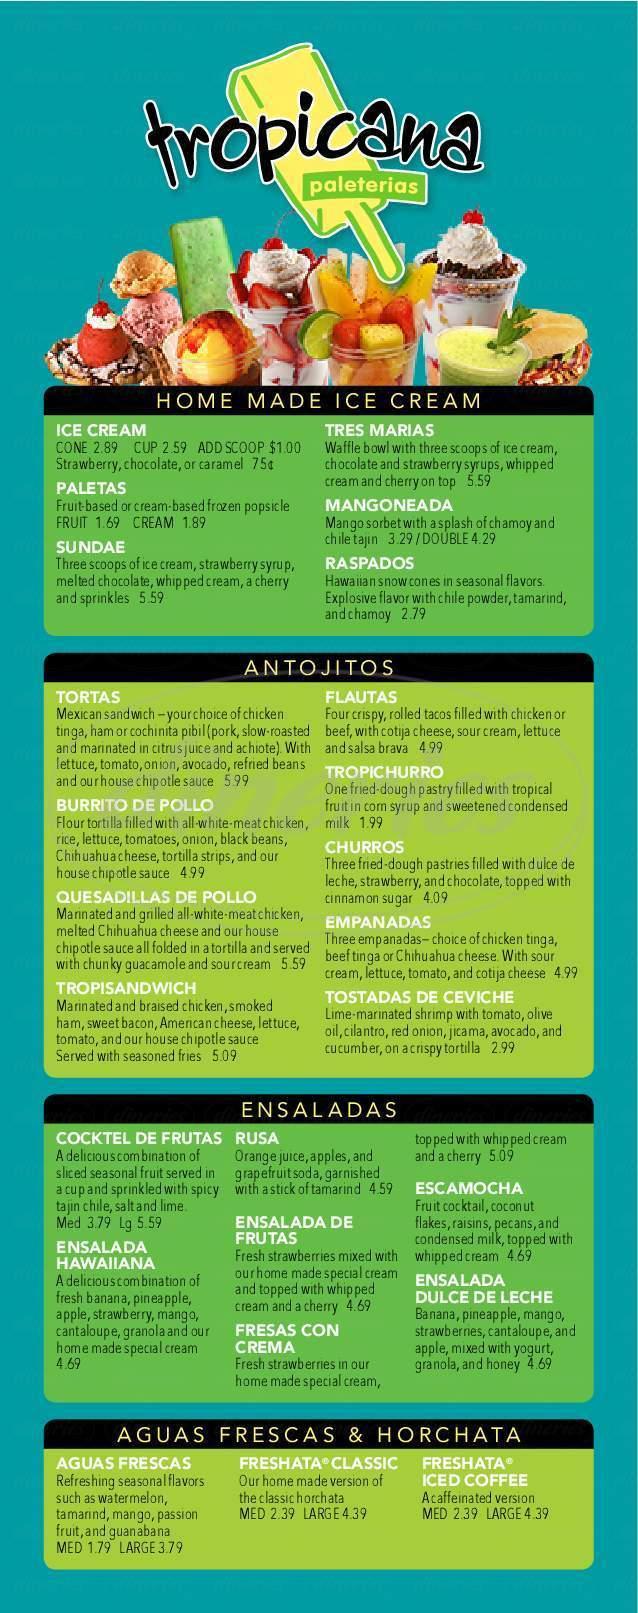 menu for Tropicana estilo michoacan